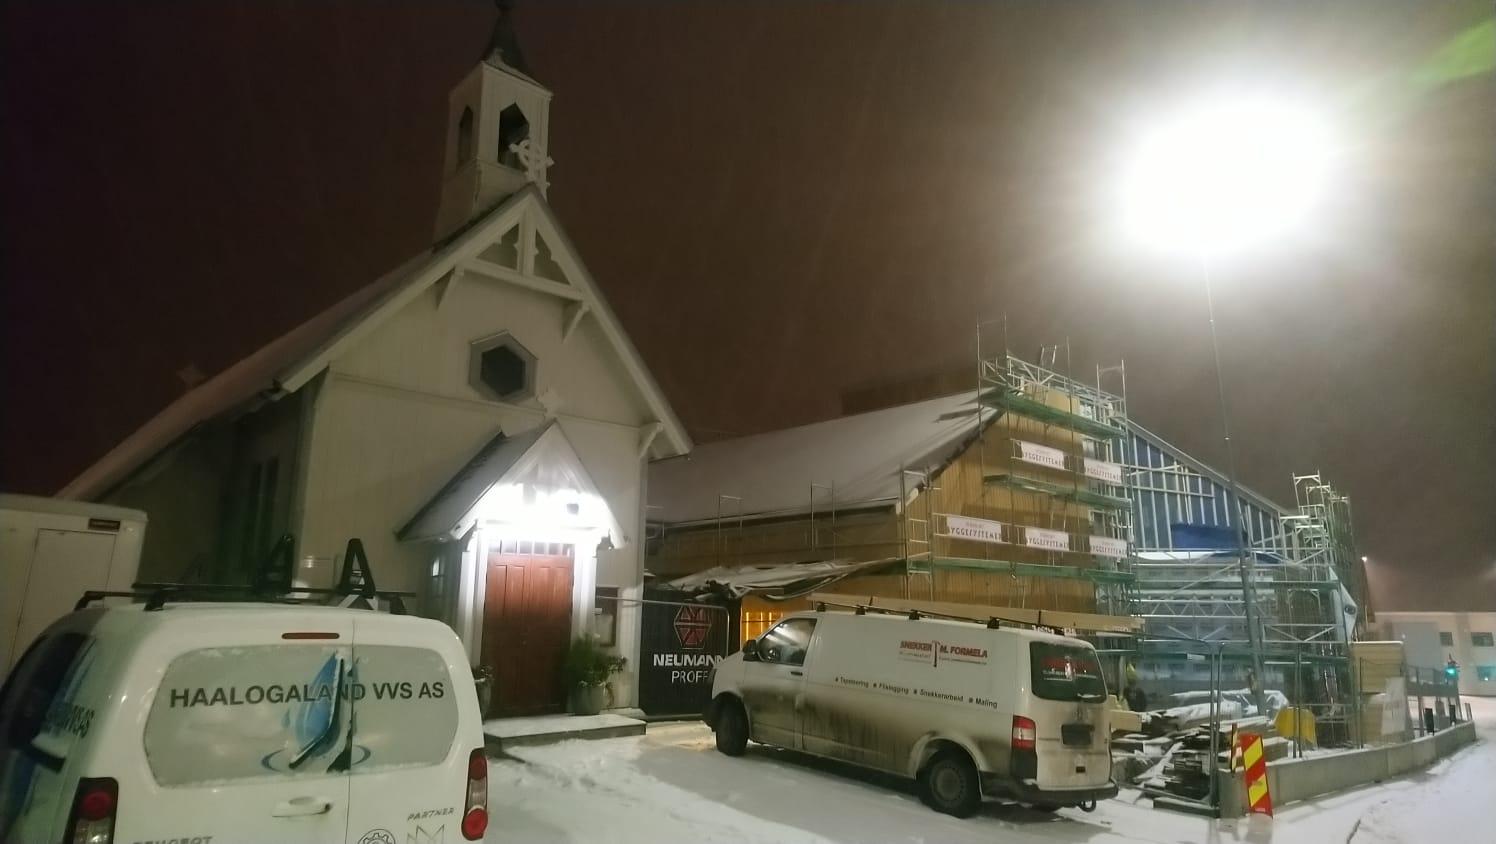 Noruega: Una Iglesia pobre en un país rico